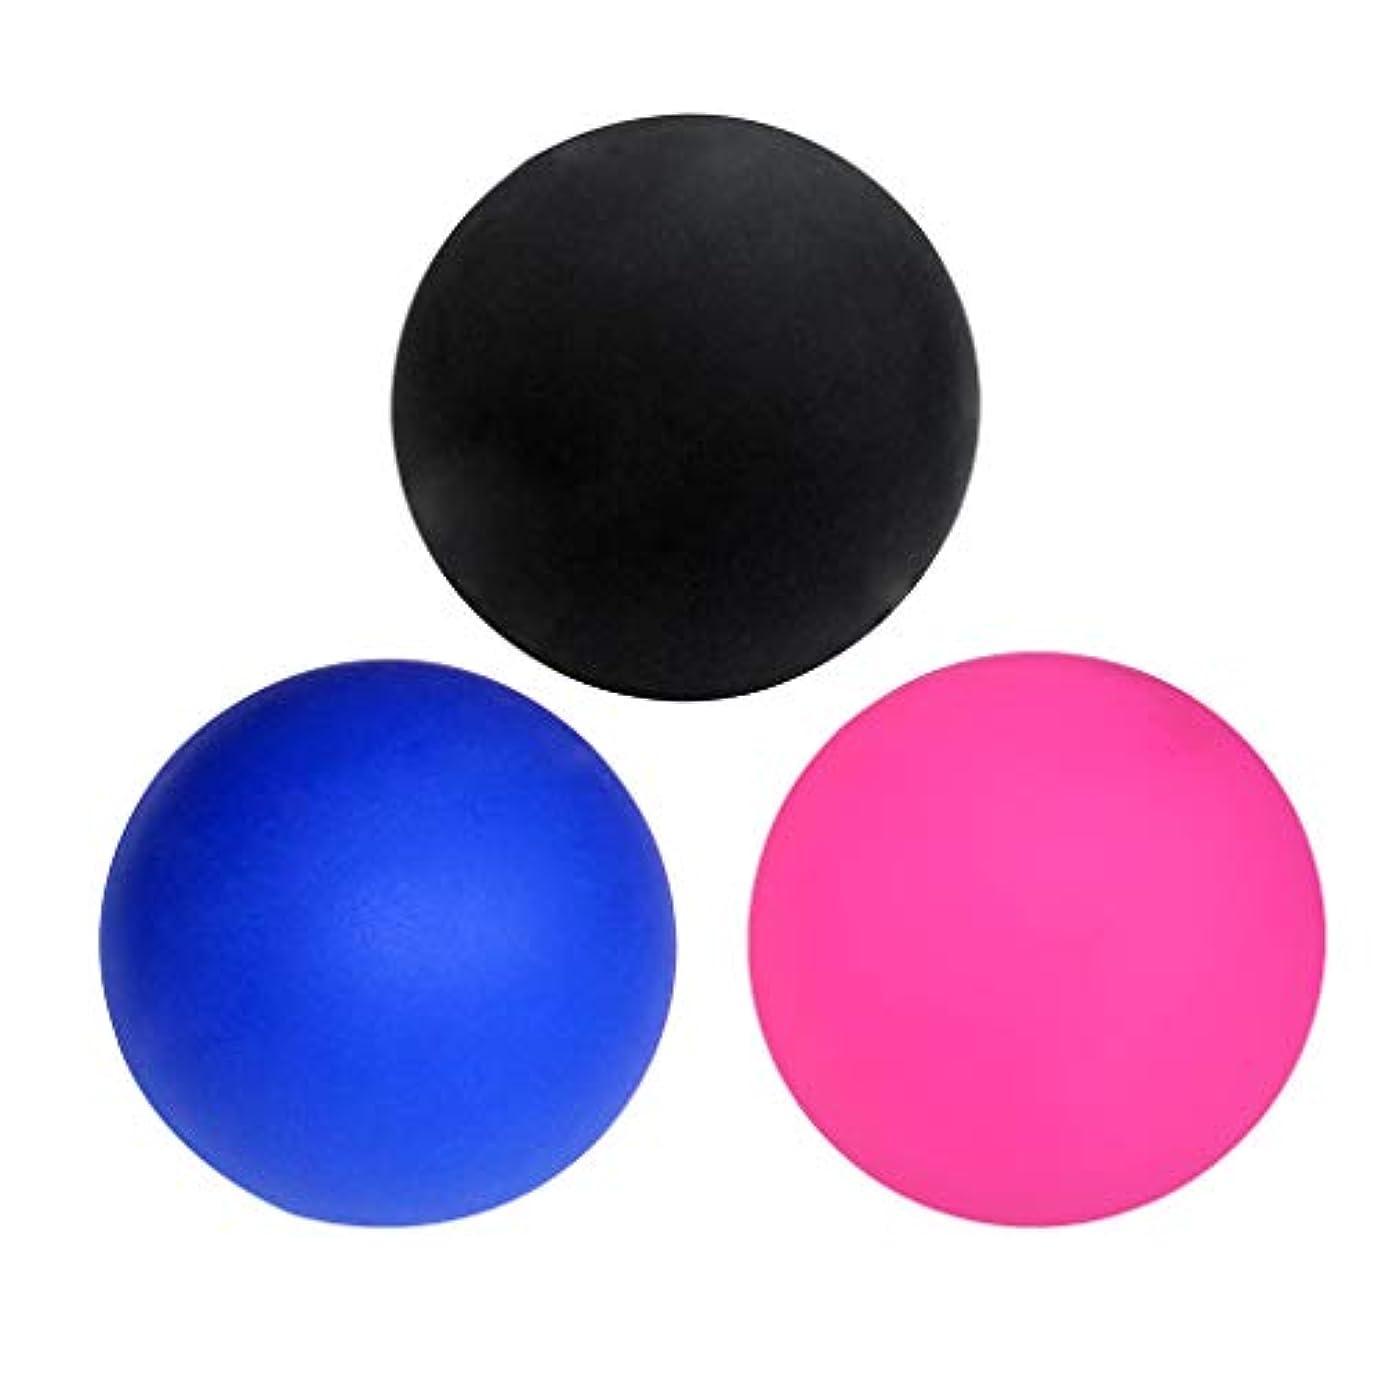 マナーバインドお祝いマッサージボール ラクロスボール トリガーポイント ゴム製 ジム/ホーム/オフィスなど適用 3個入